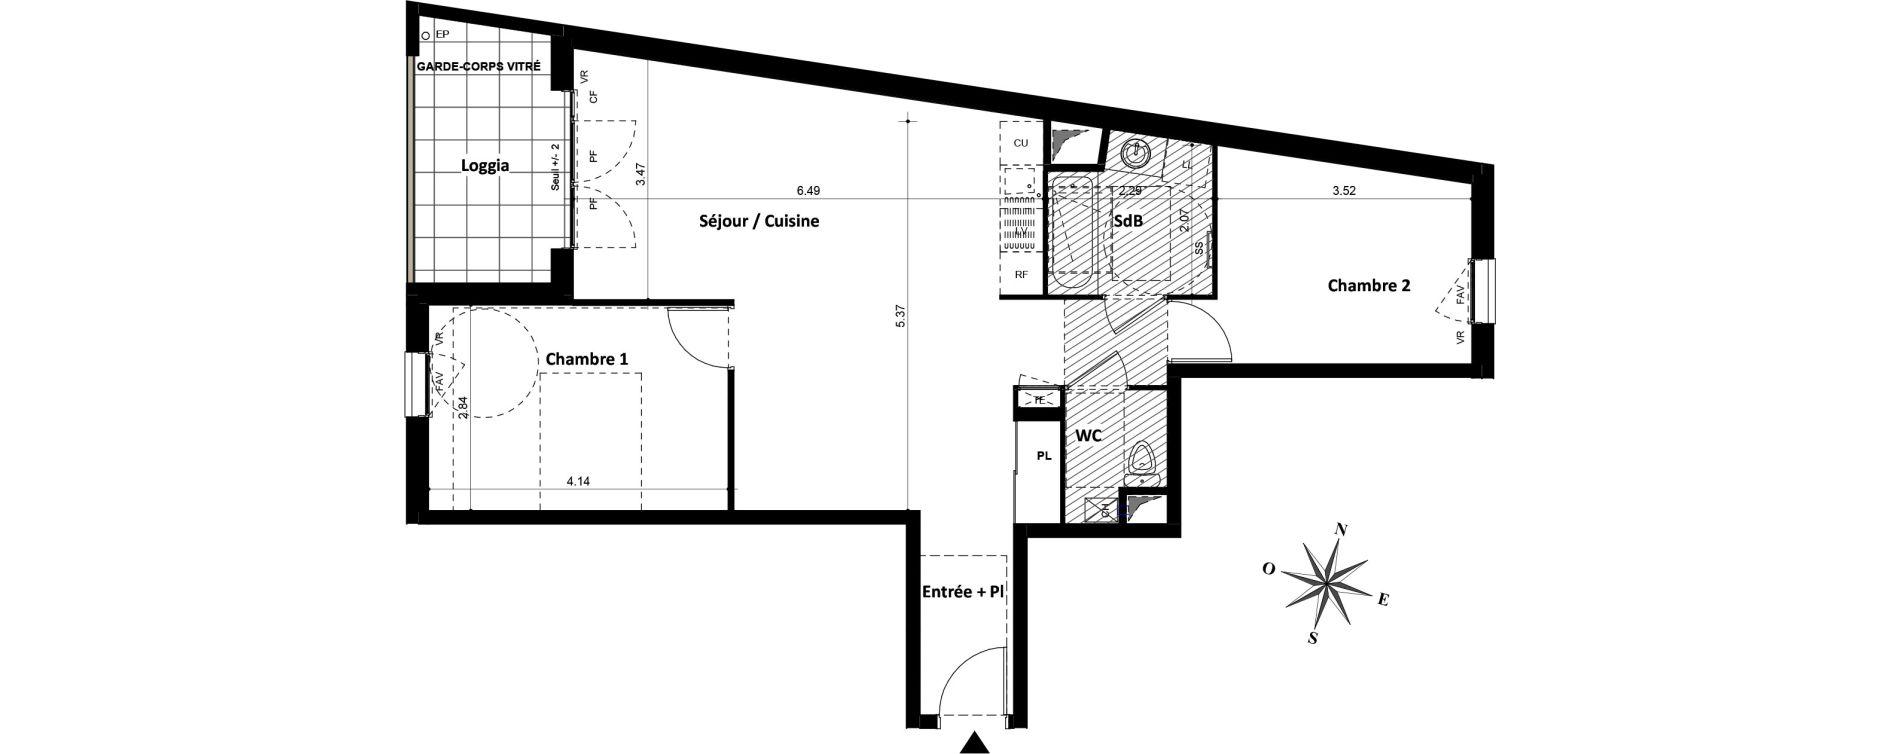 Appartement T3 de 66,67 m2 à Villeurbanne Gratte-ciel - dedieu - charmettes